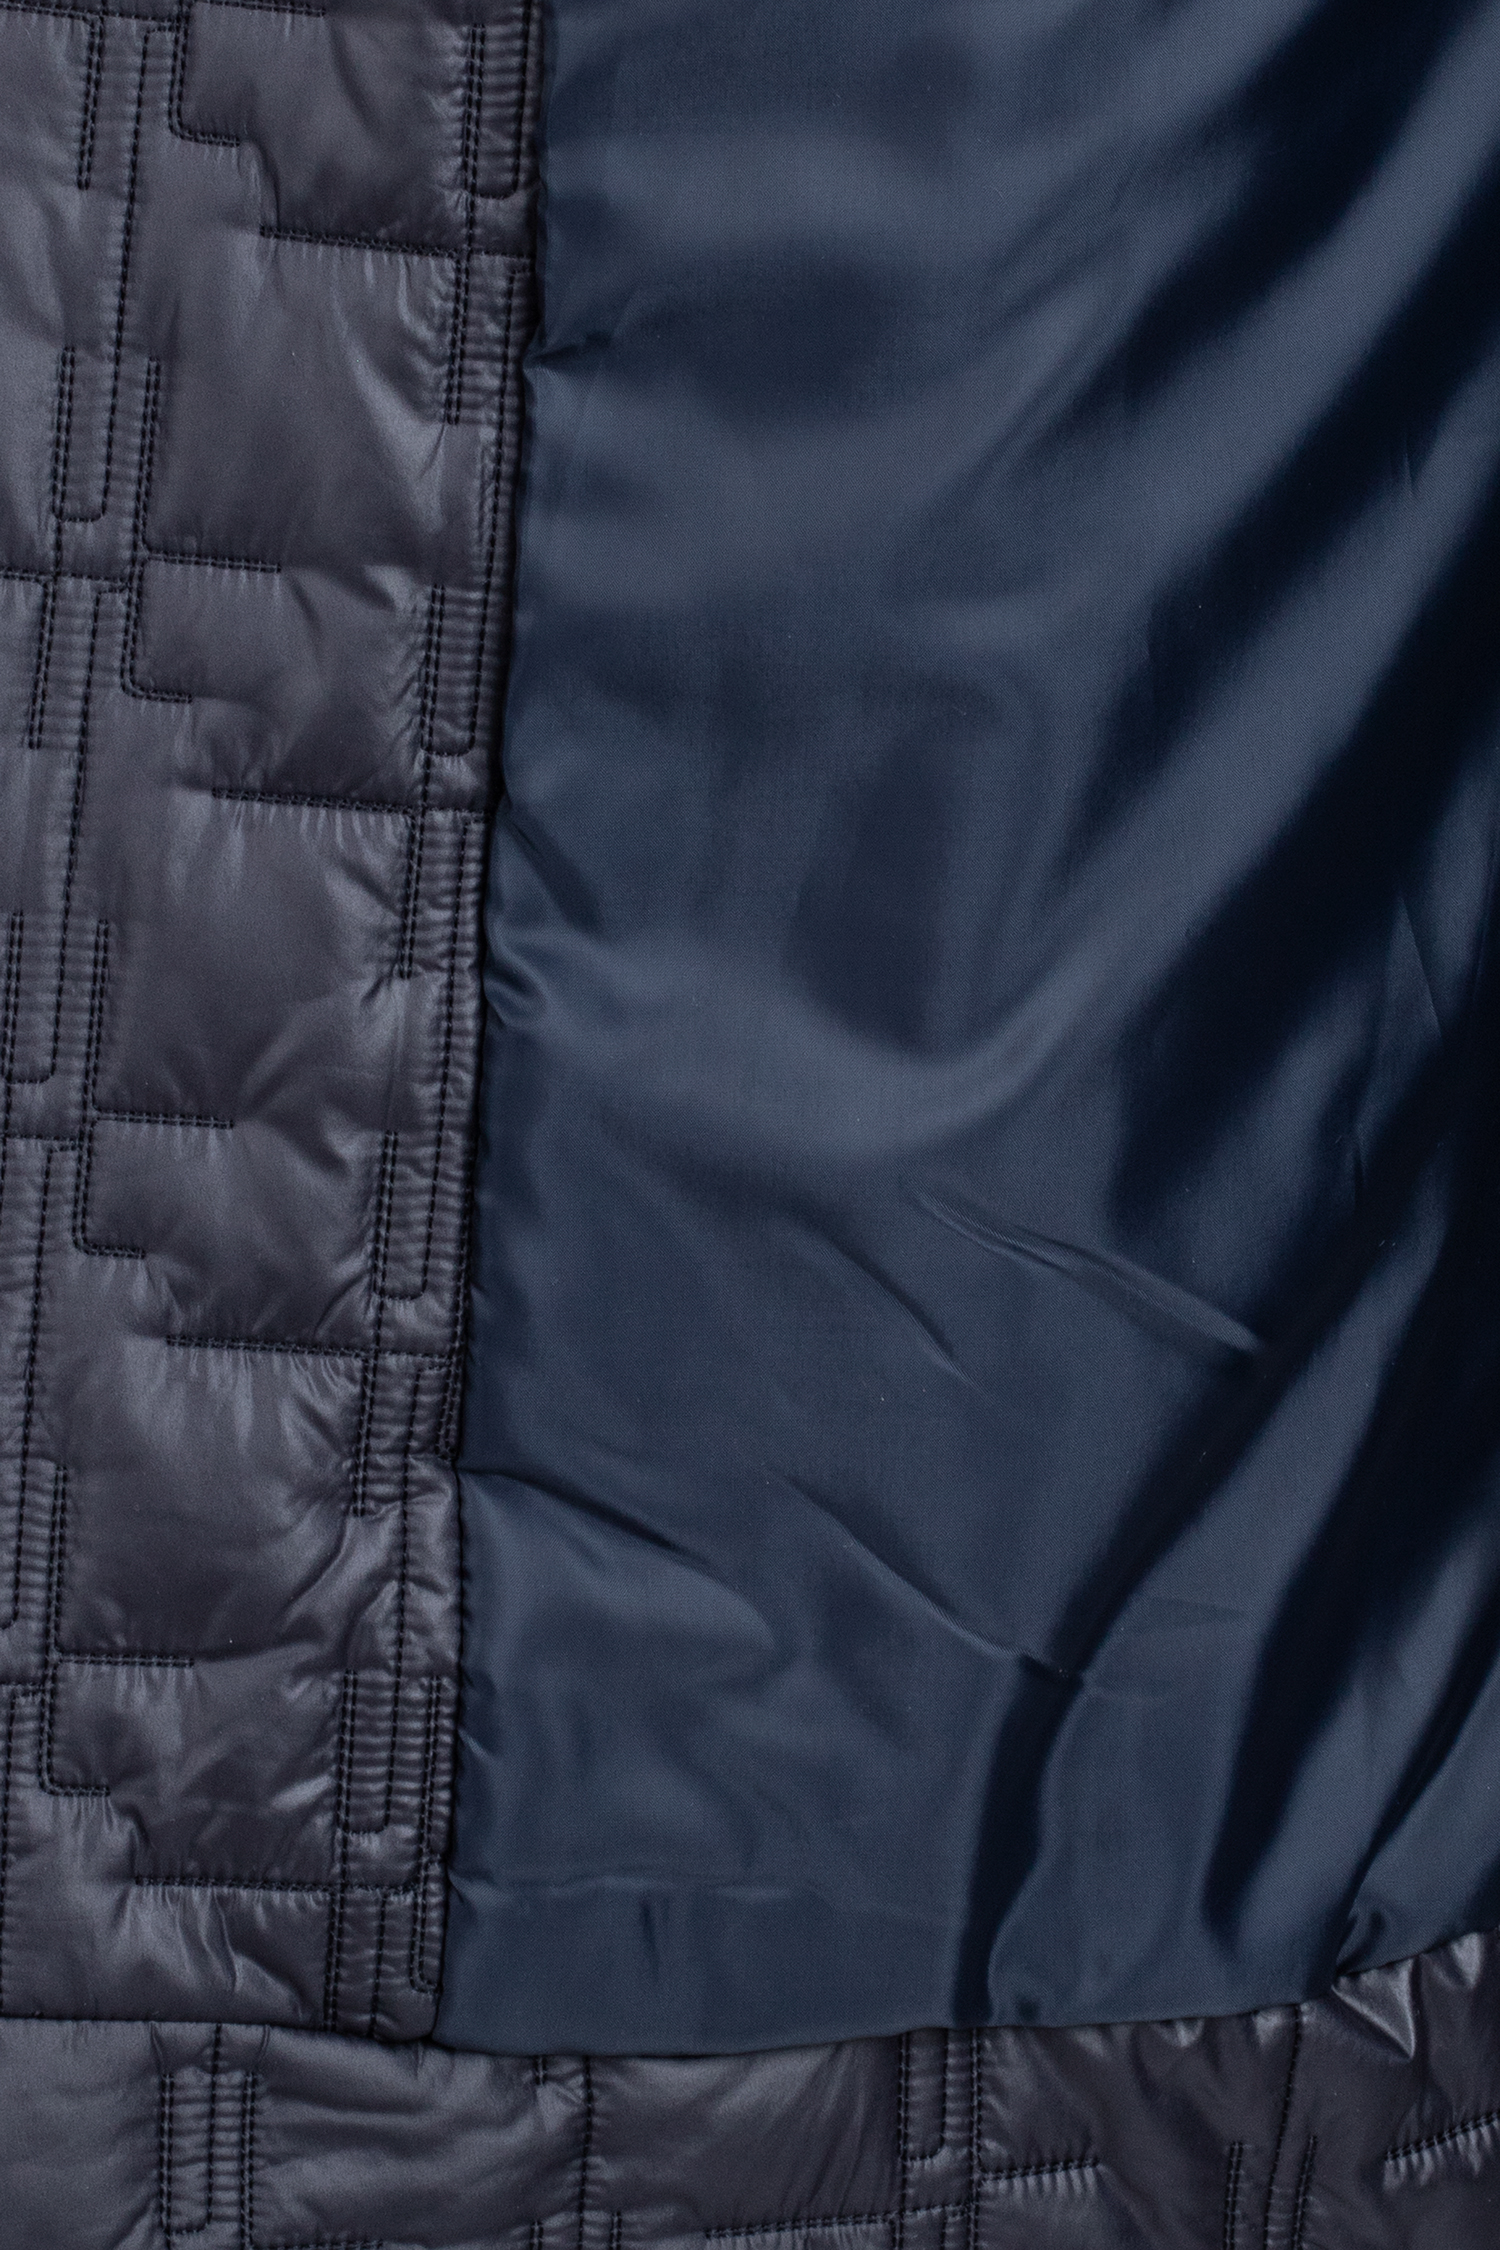 Пуховик женский из текстиля с капюшоном, отделка искусственный мех, , Пуховики